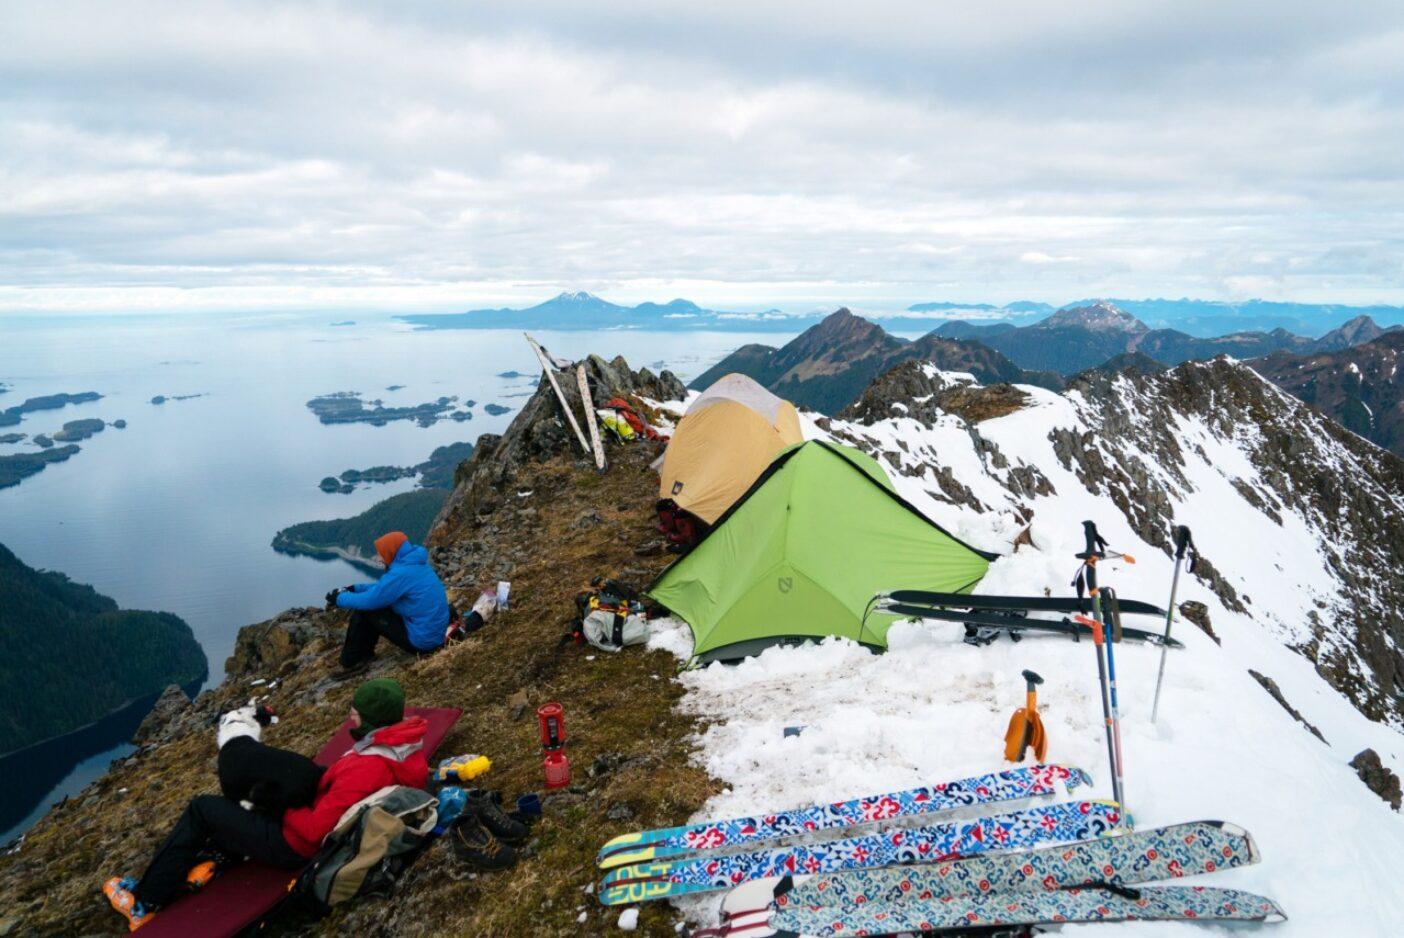 シトカサウンドを見下ろす絶好のキャンプ地。起きて、滑って、朝食。その後また滑る。写真:リー・ハウス